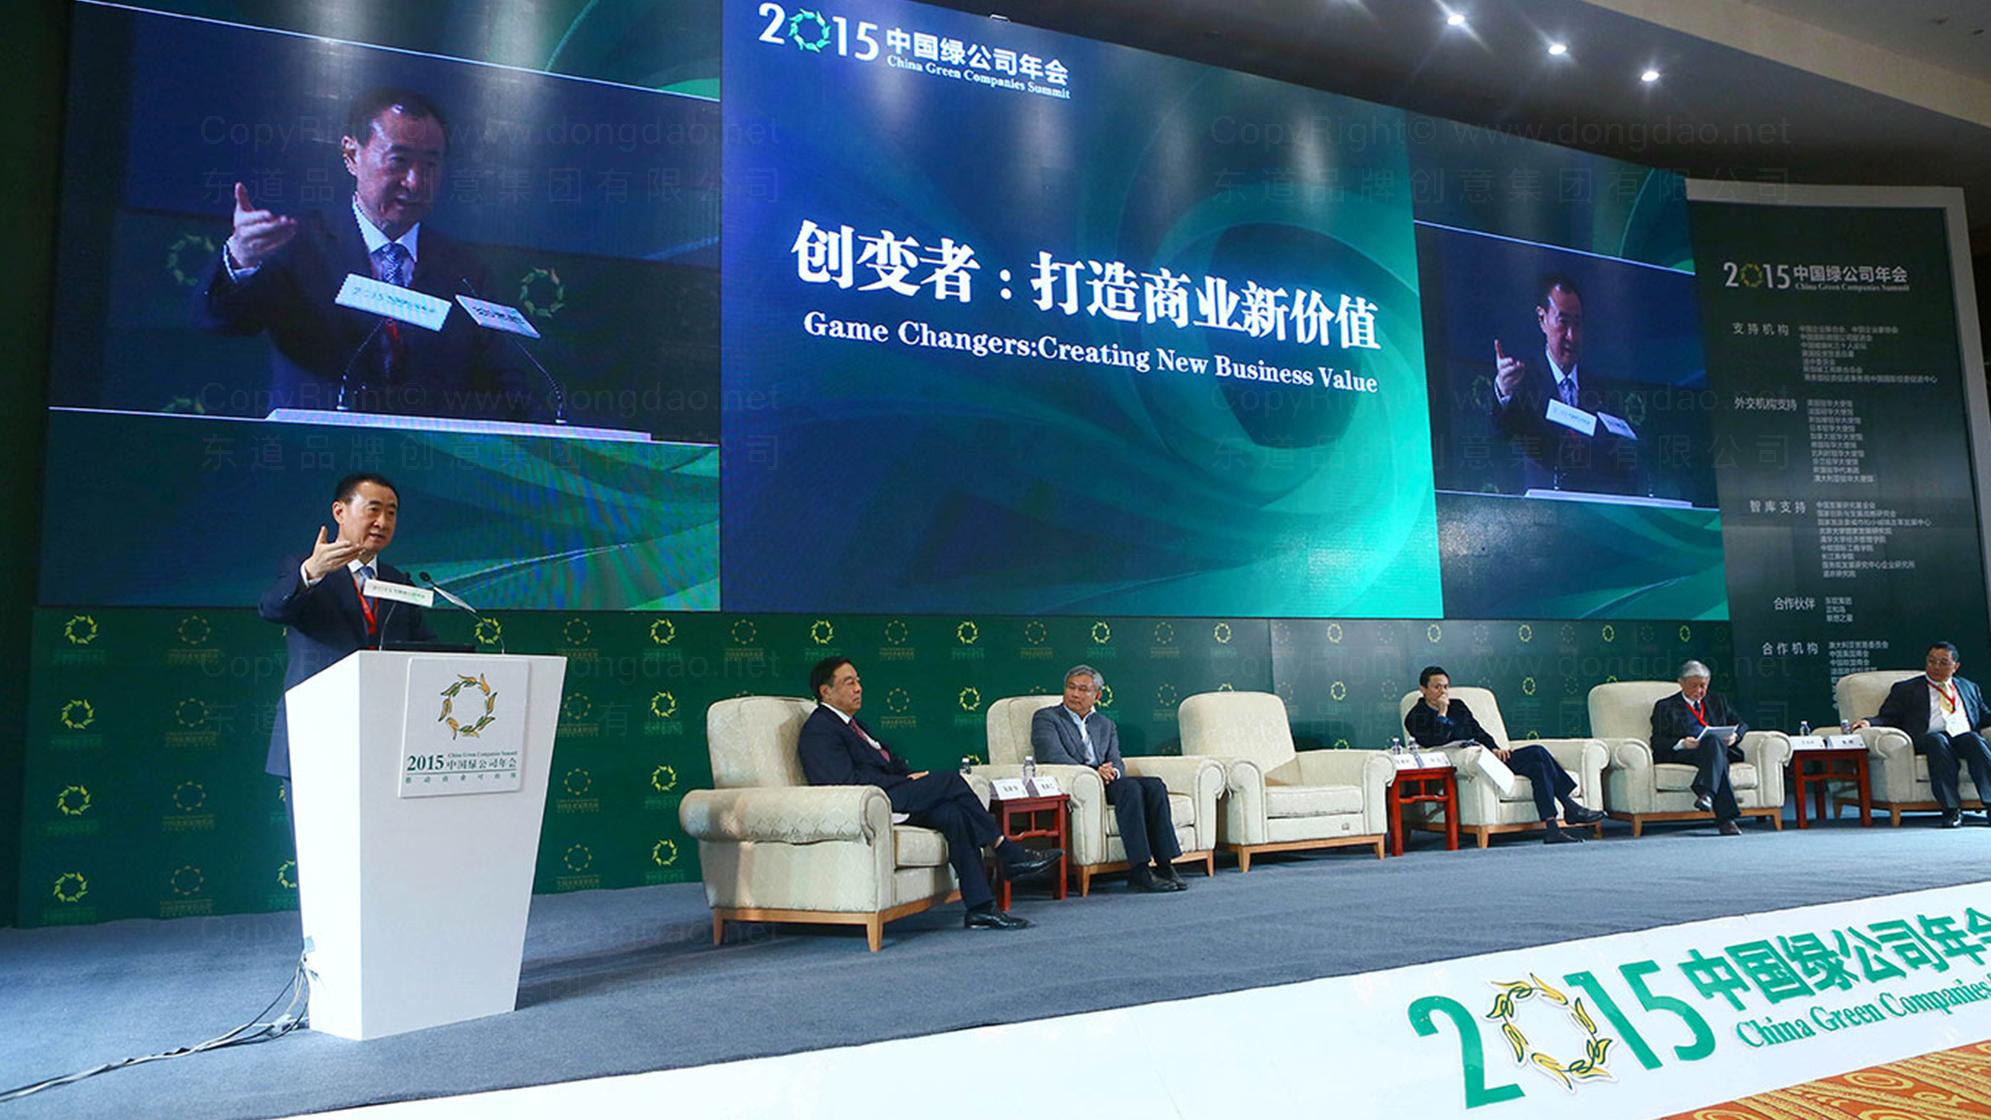 品牌设计2010中国绿公司年会LOGO设计应用场景_5